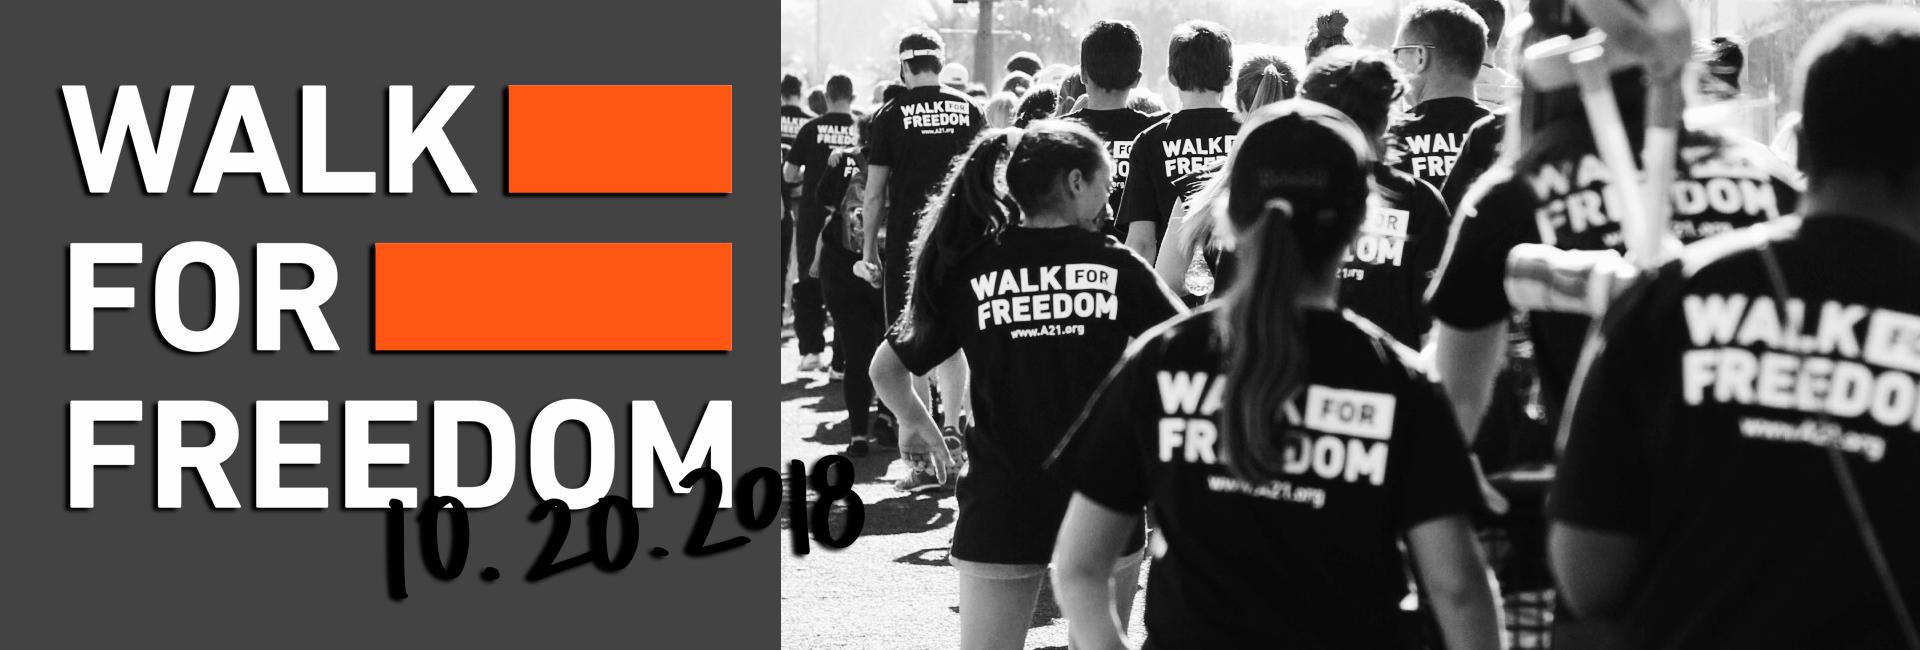 Walk-for-Freedom nelspruit